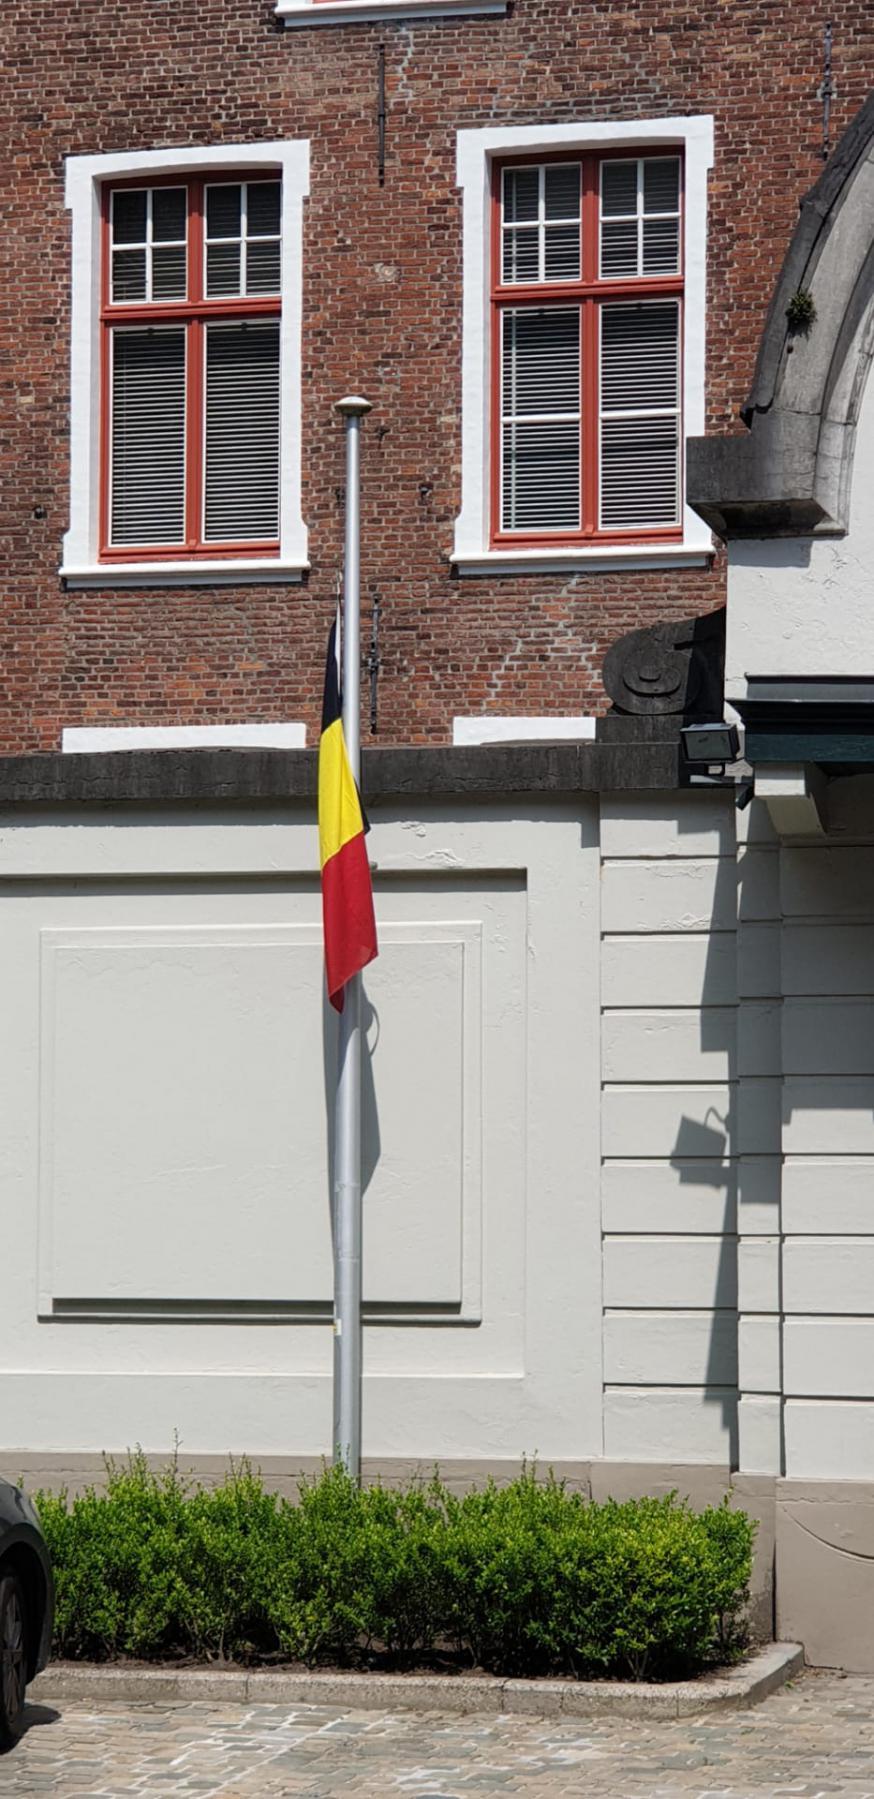 De vlag van het bisschopshuis hangt halfstok om de slachtoffers van de overstromingsramp te herdenken. © Jo Maes